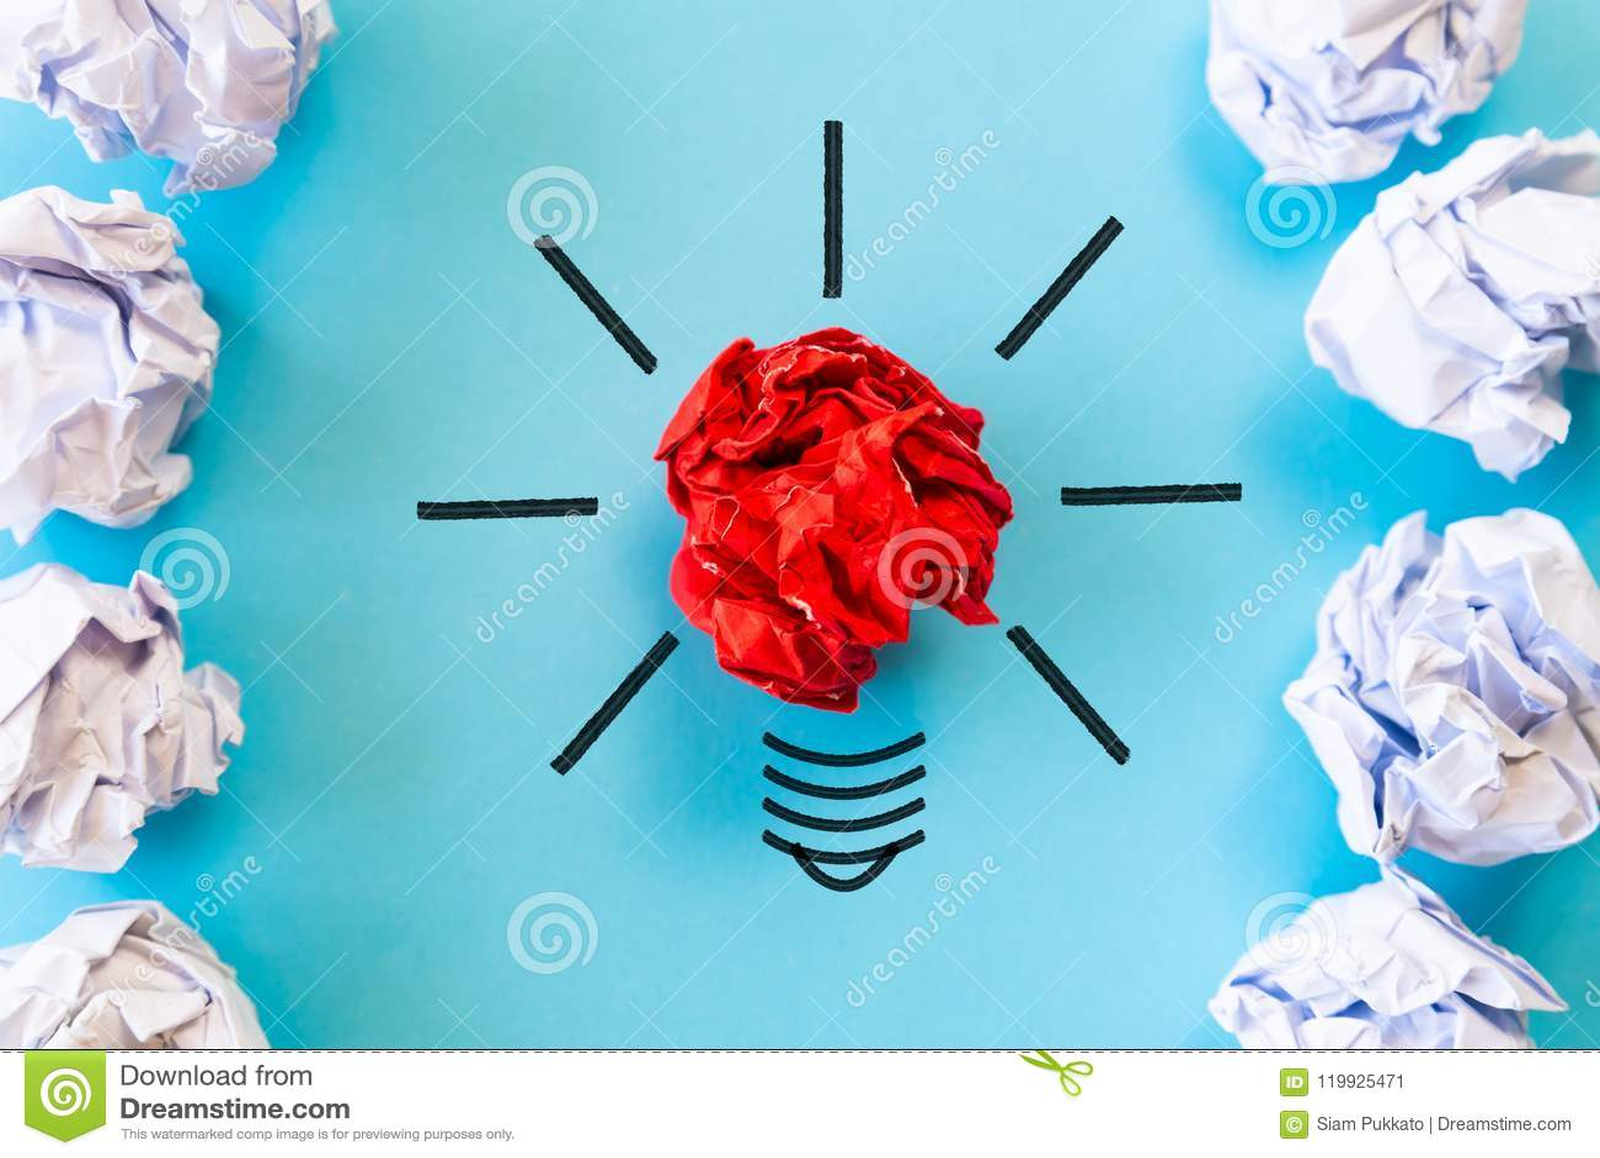 Inspiratie en groot ideeconcept